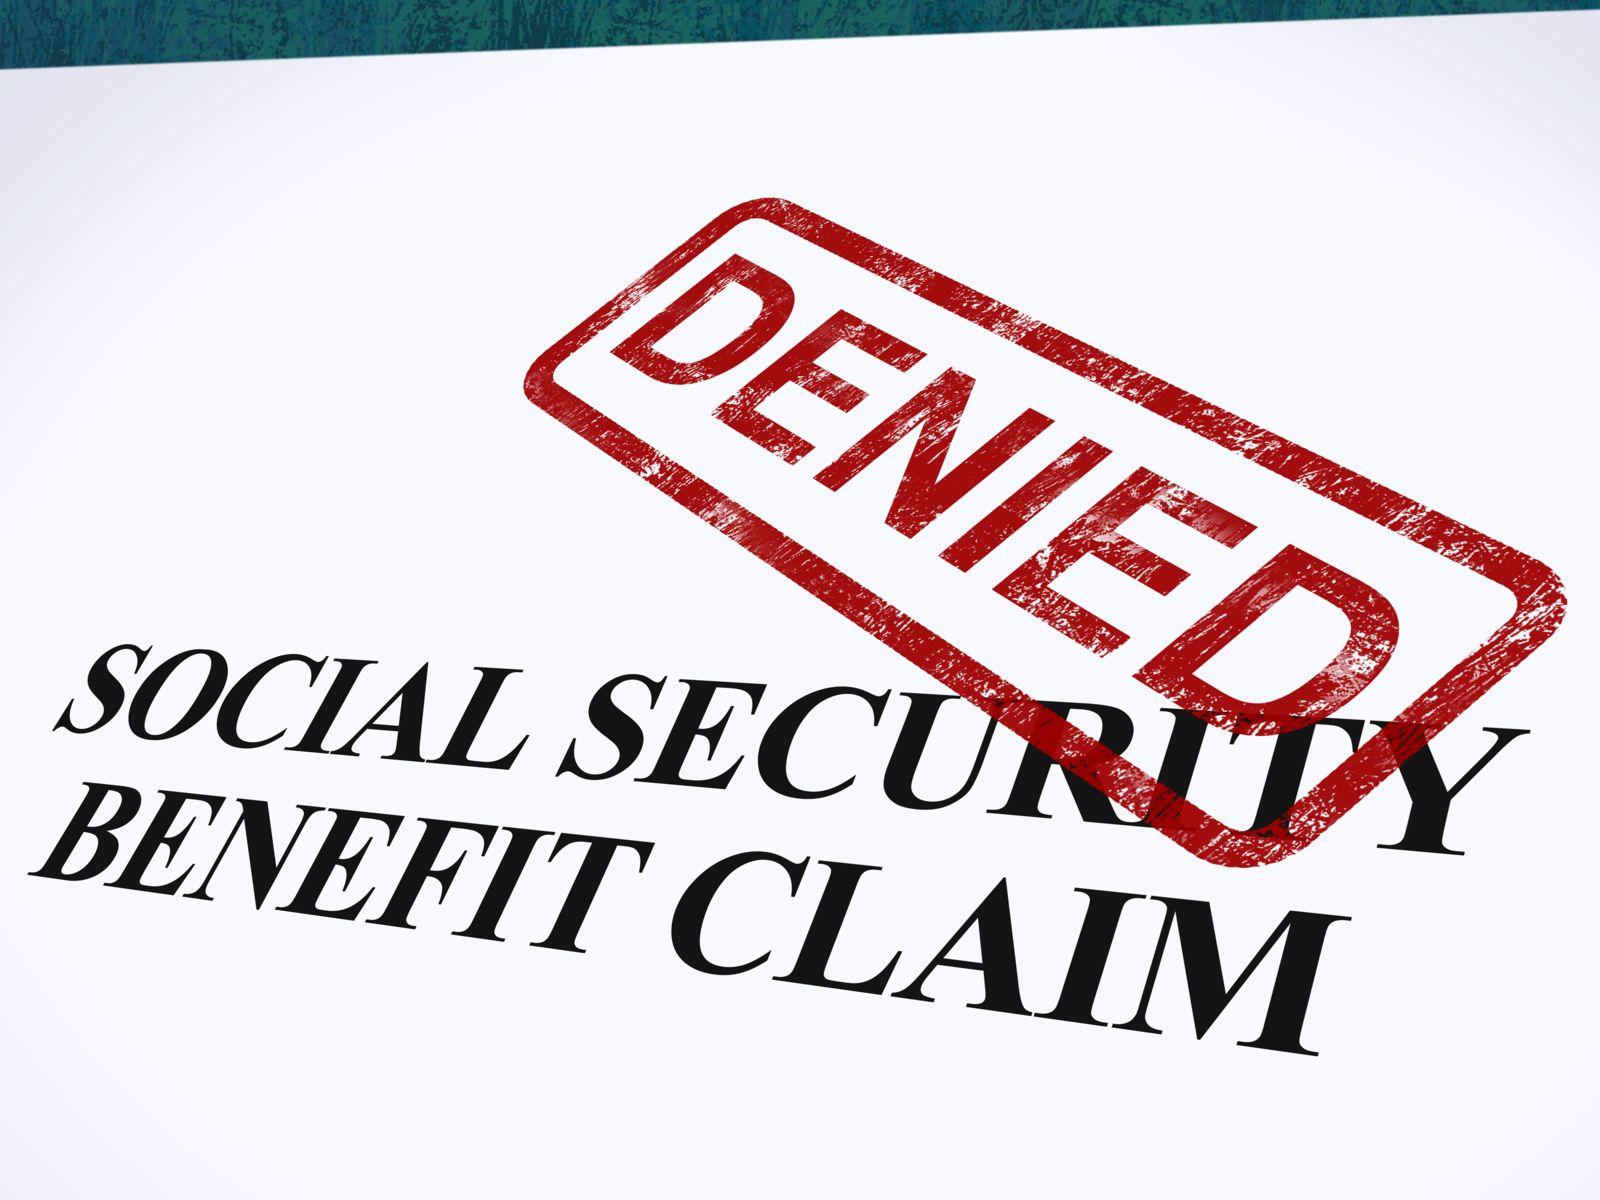 Denied claim